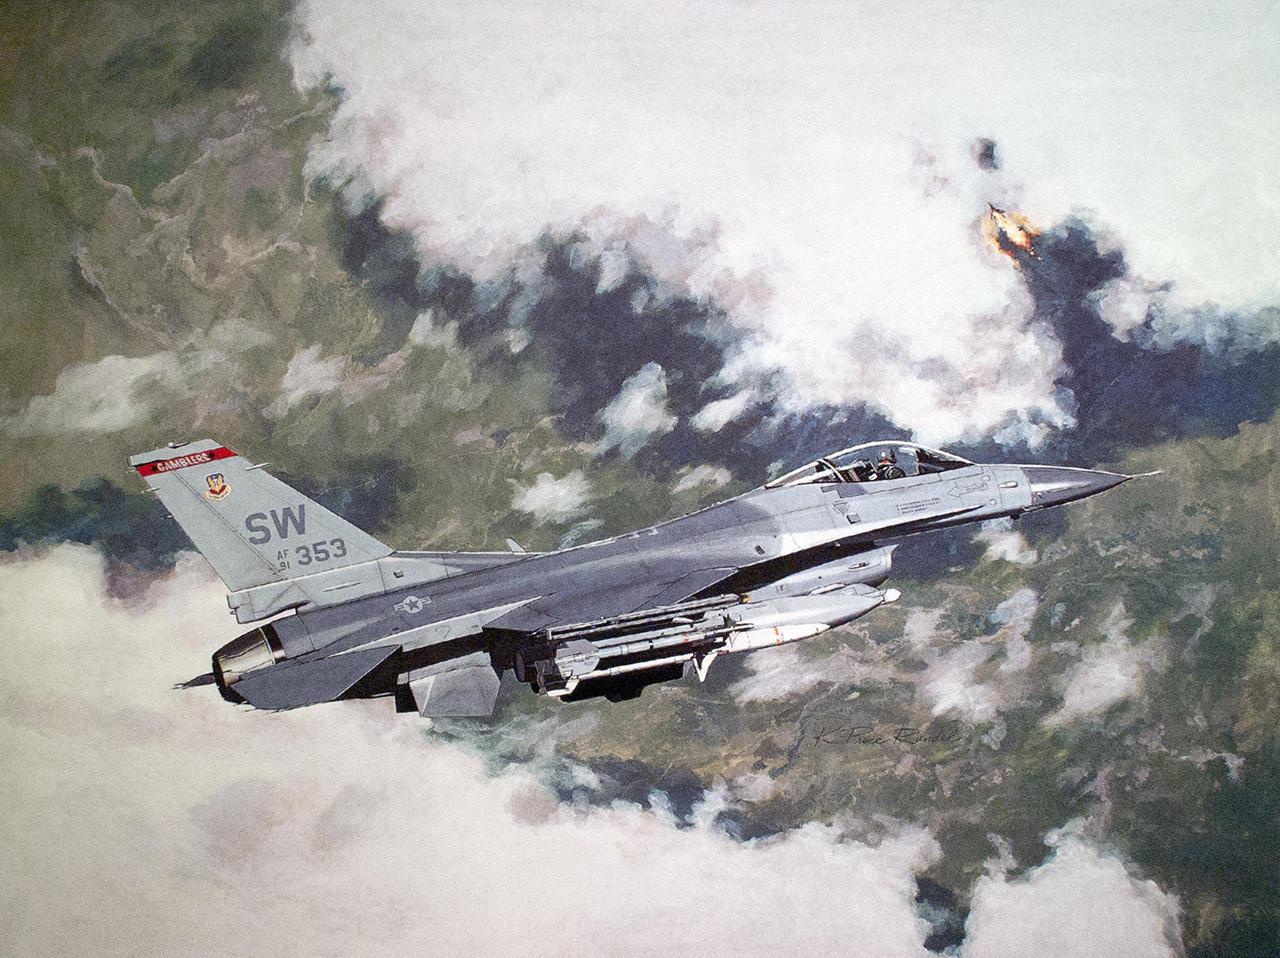 """Avion koji je oborio Milenka Pavlovića (91-0353) bio je iz 77. eskadrile """"Gamblers"""" ali je 1999. godine korišćen u 78. eskadrili / Foto: USAF"""